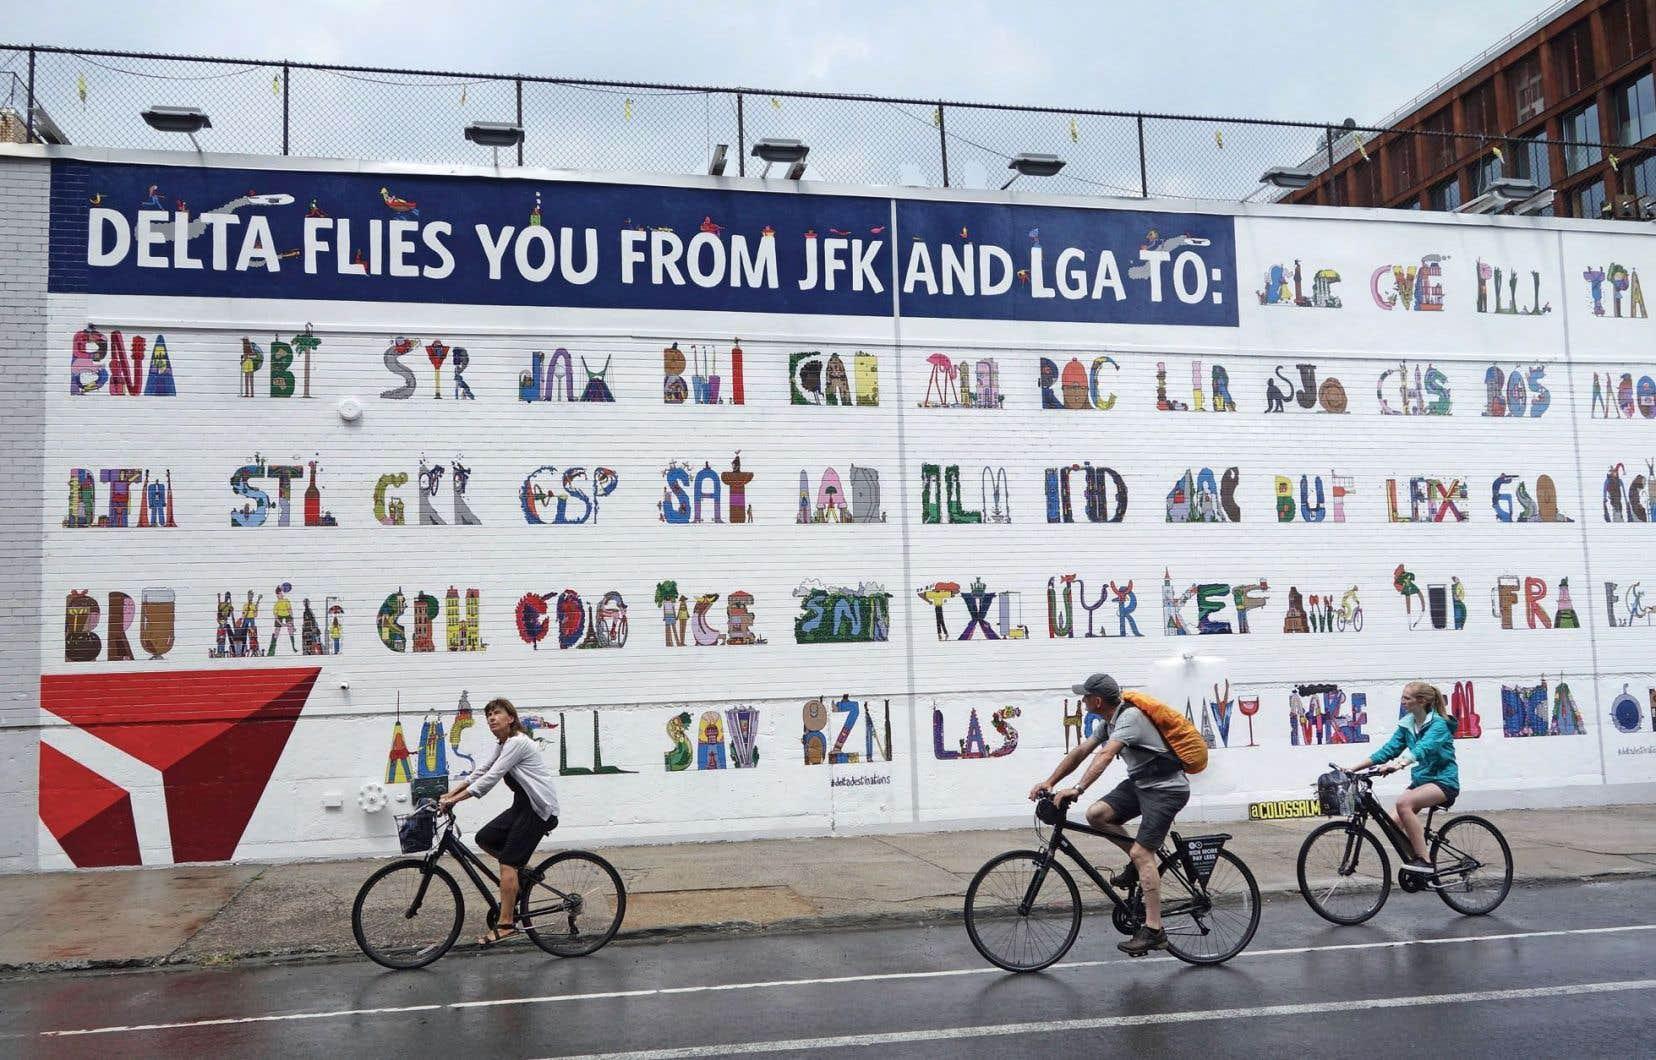 Colossal, une entreprise spécialisée en publicité peinte, en a réalisé une à la main pour la compagnie aérienne Delta.